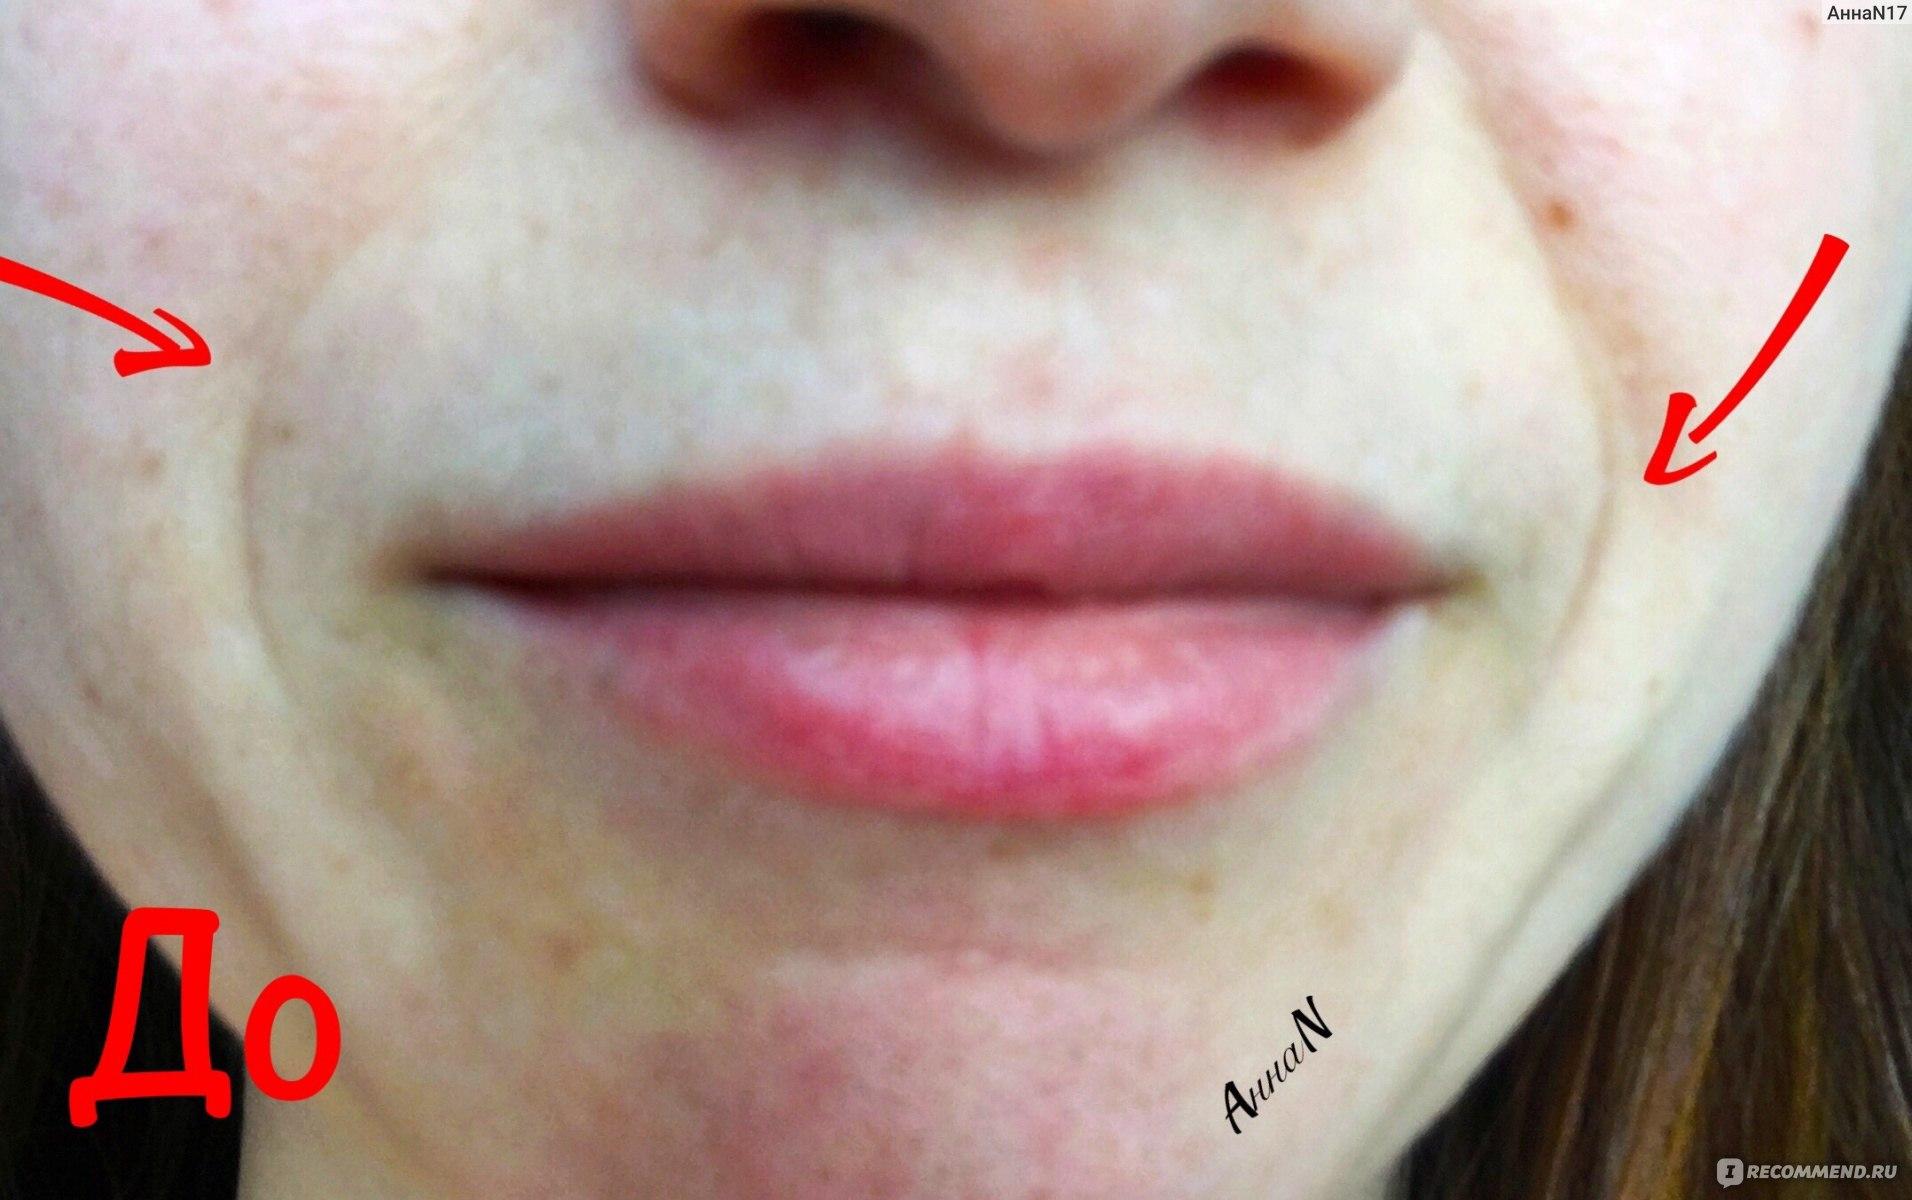 Методы лечения фиброза, вызванного гиалуроновой кислотой